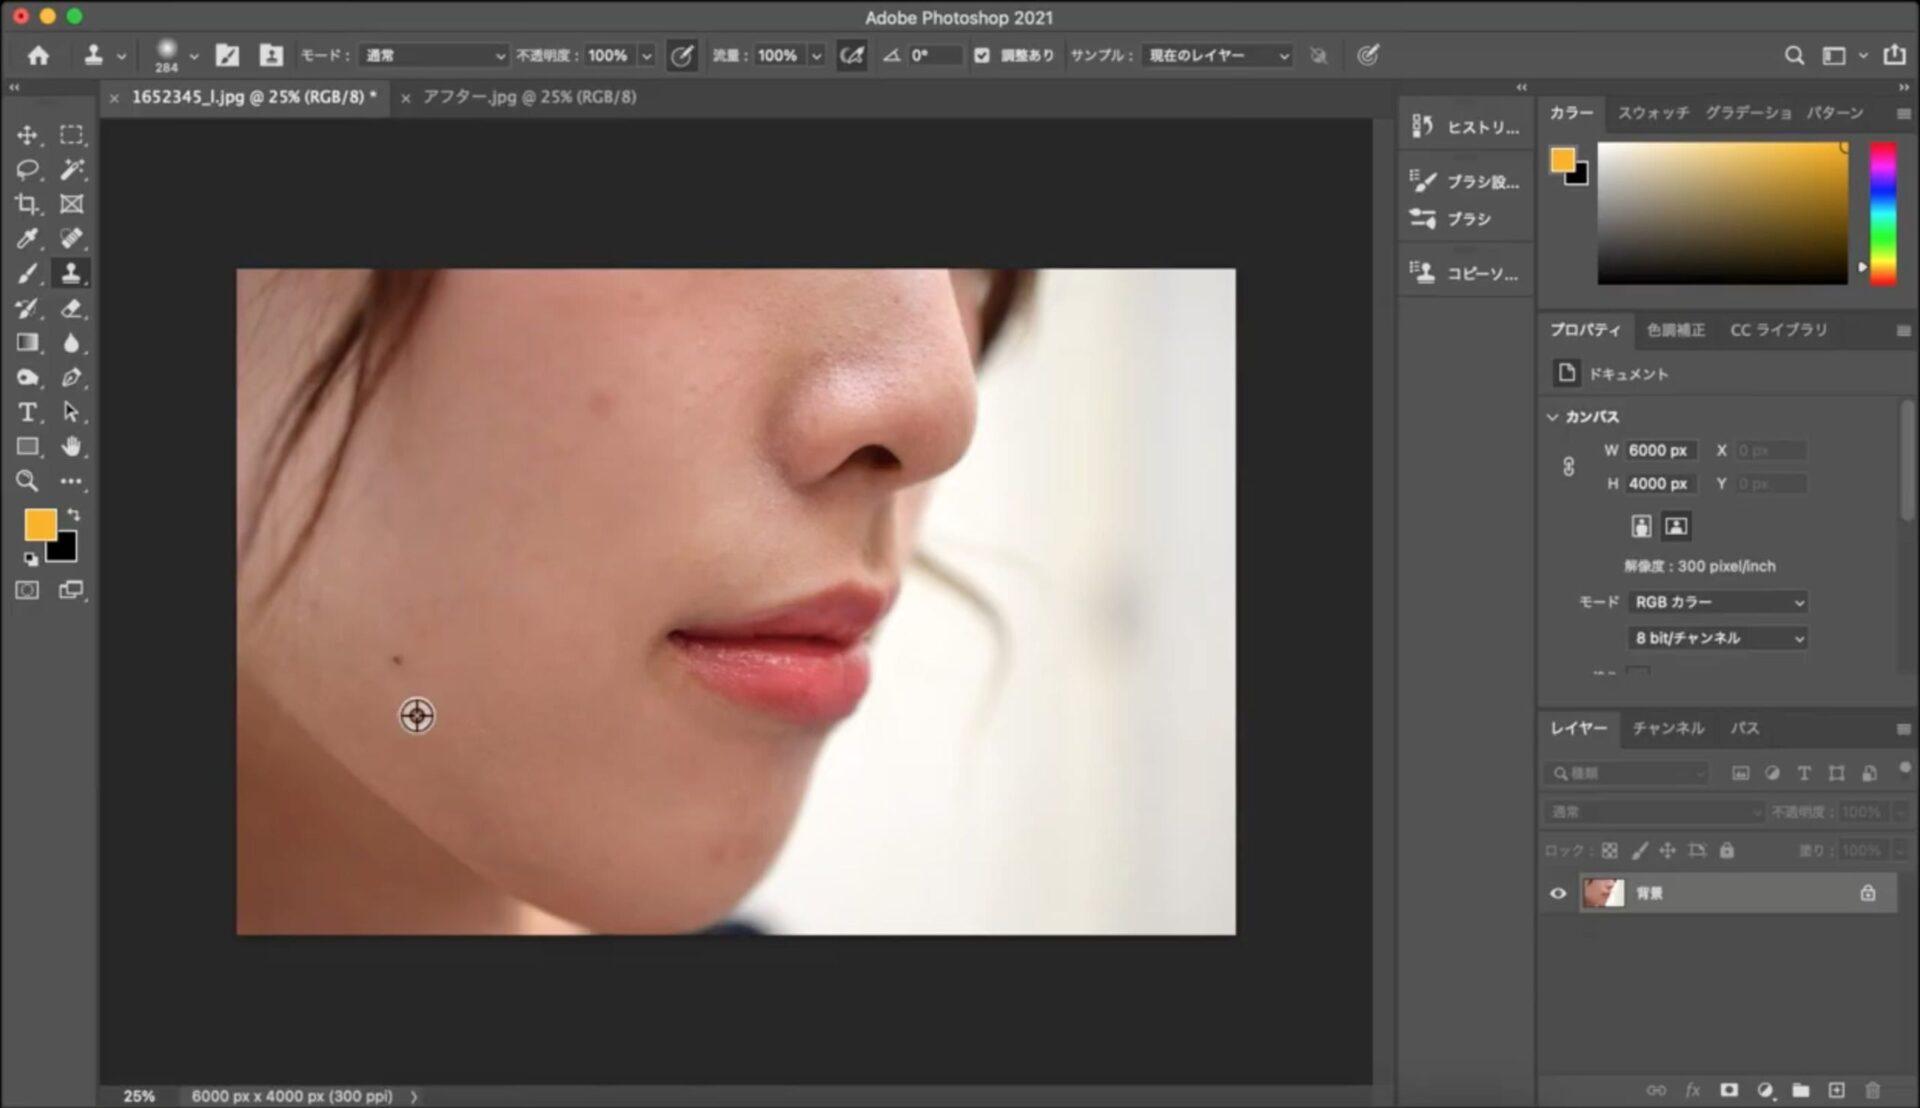 画像加工ソフト≪フォトショップの使い方≫【画像加工】顔のホクロ・傷・アザの消し方